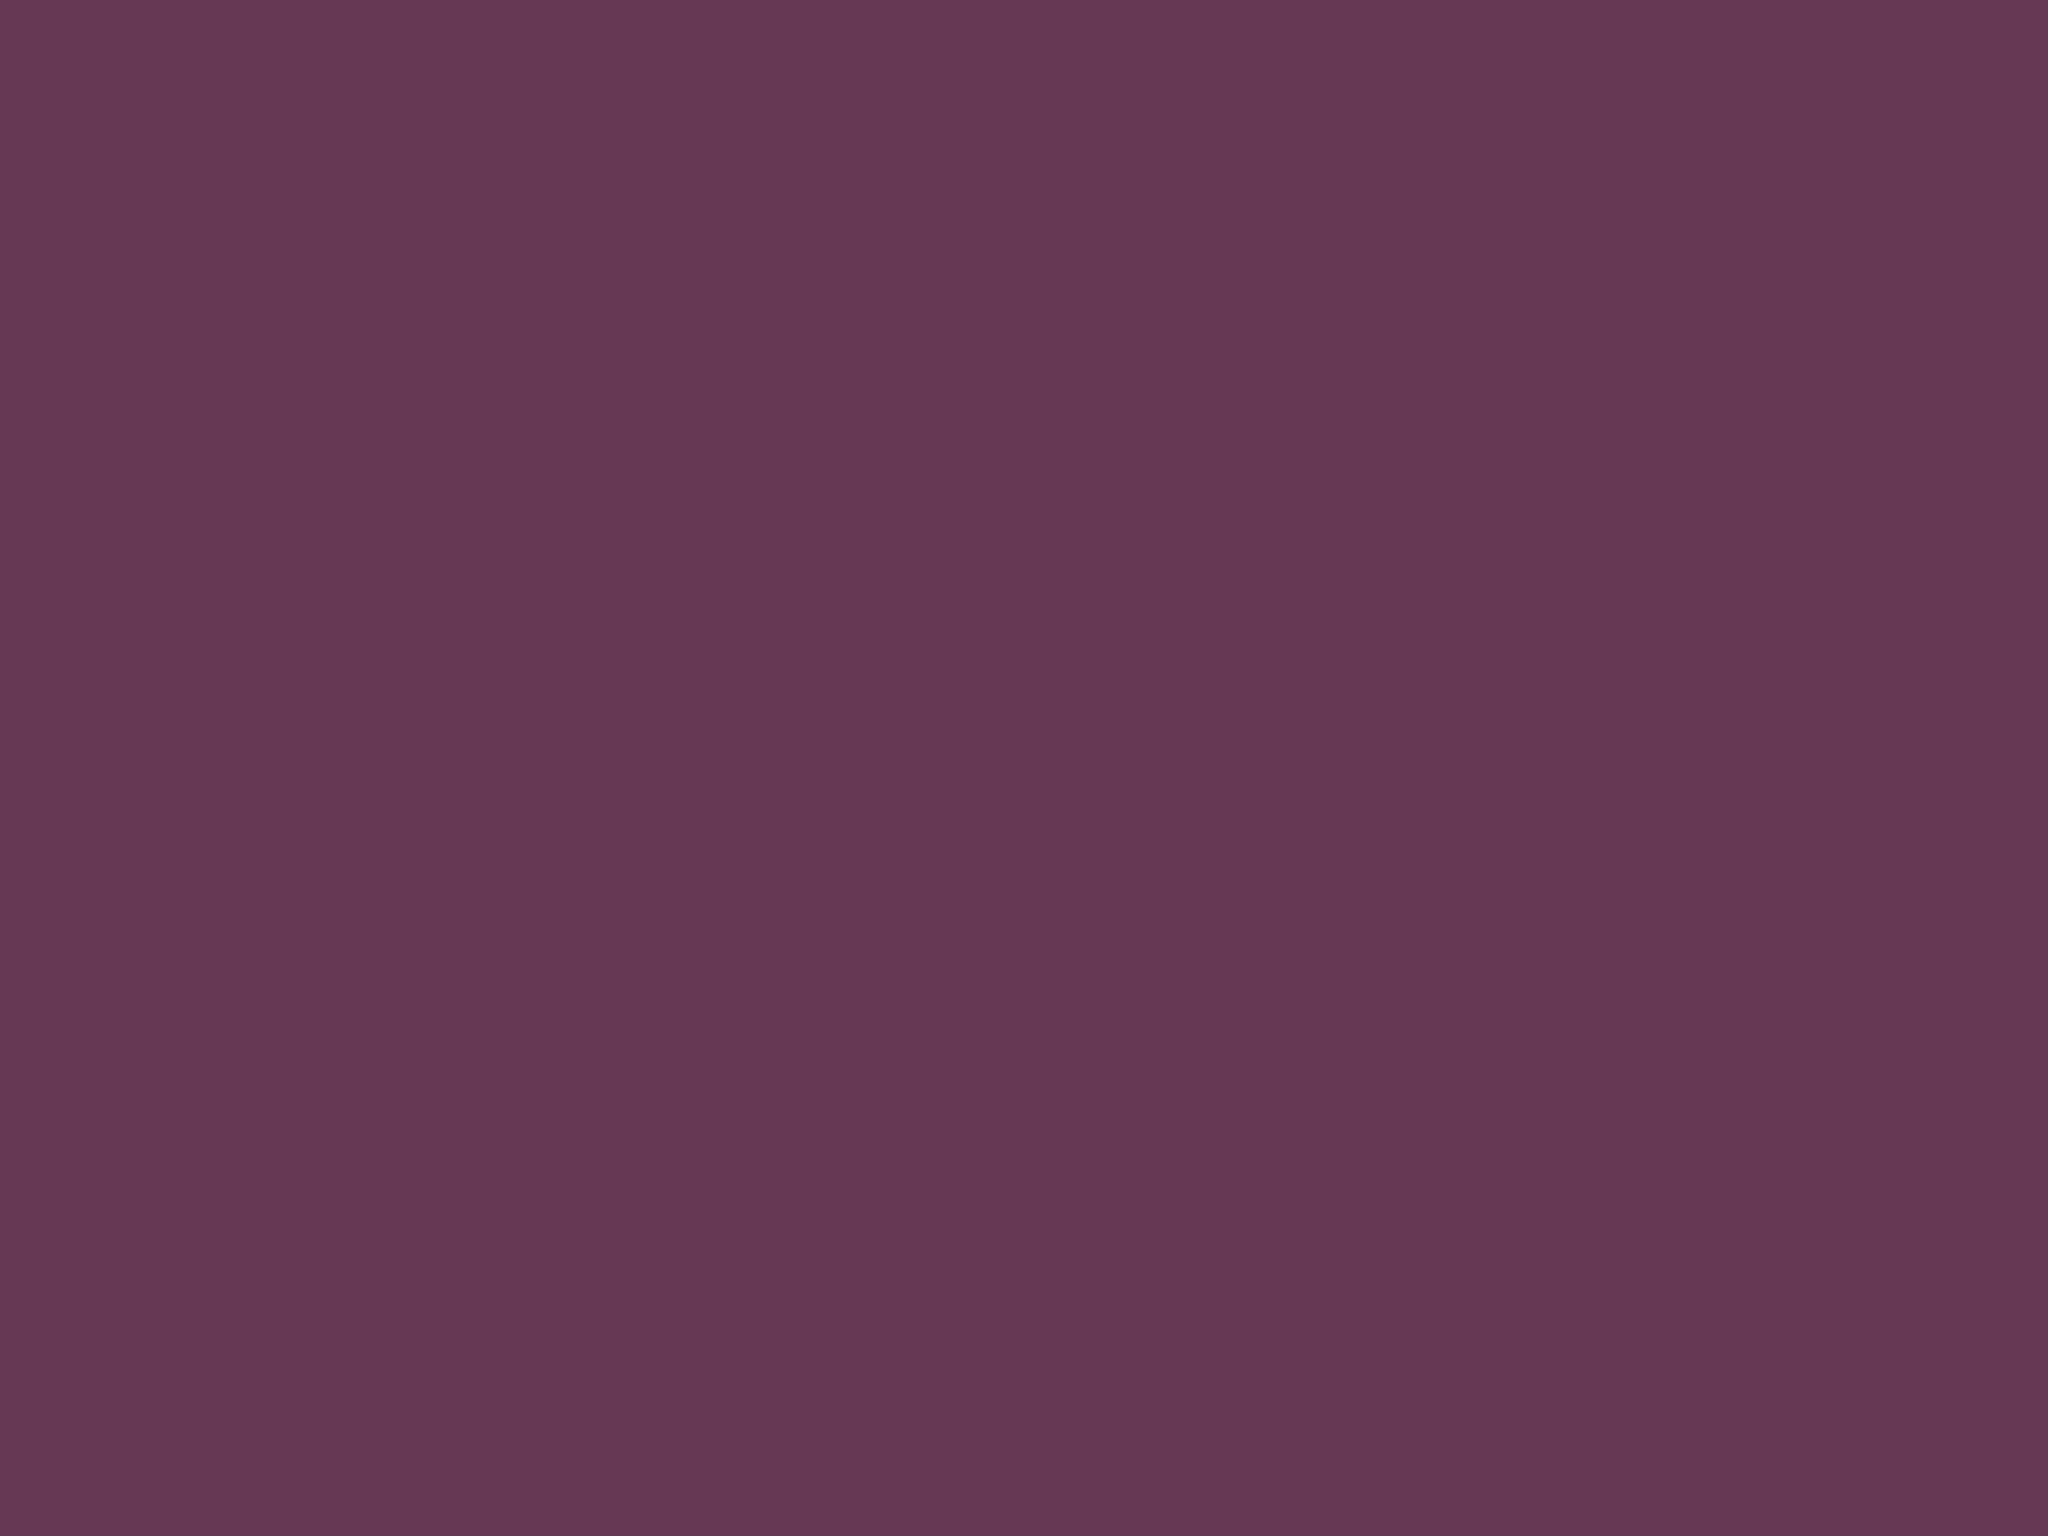 2048x1536 Halaya Ube Solid Color Background